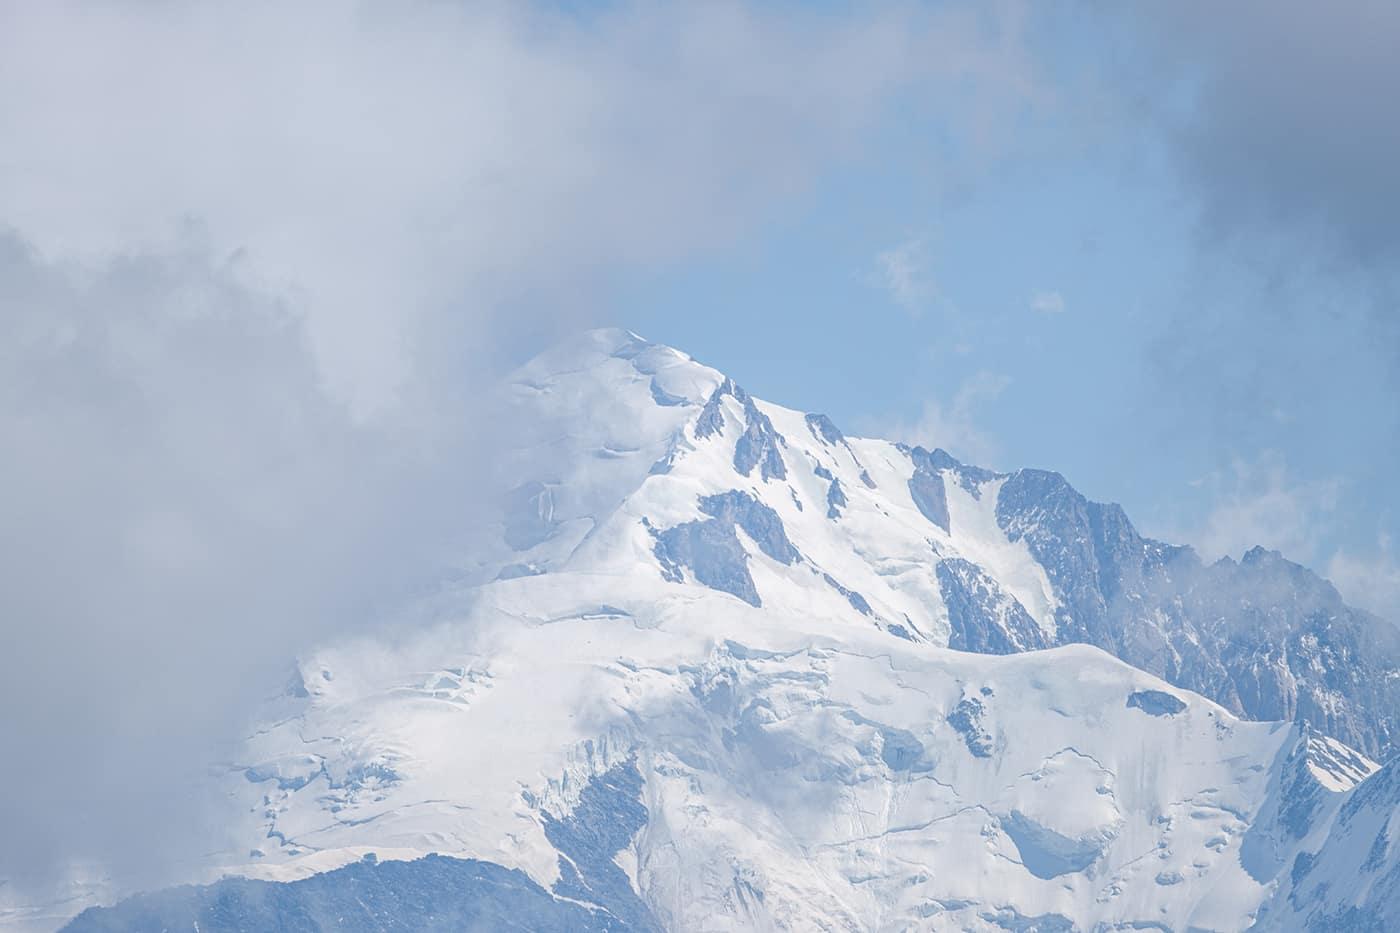 Vue sur le Mont Blanc depuis la Pointe Blanche